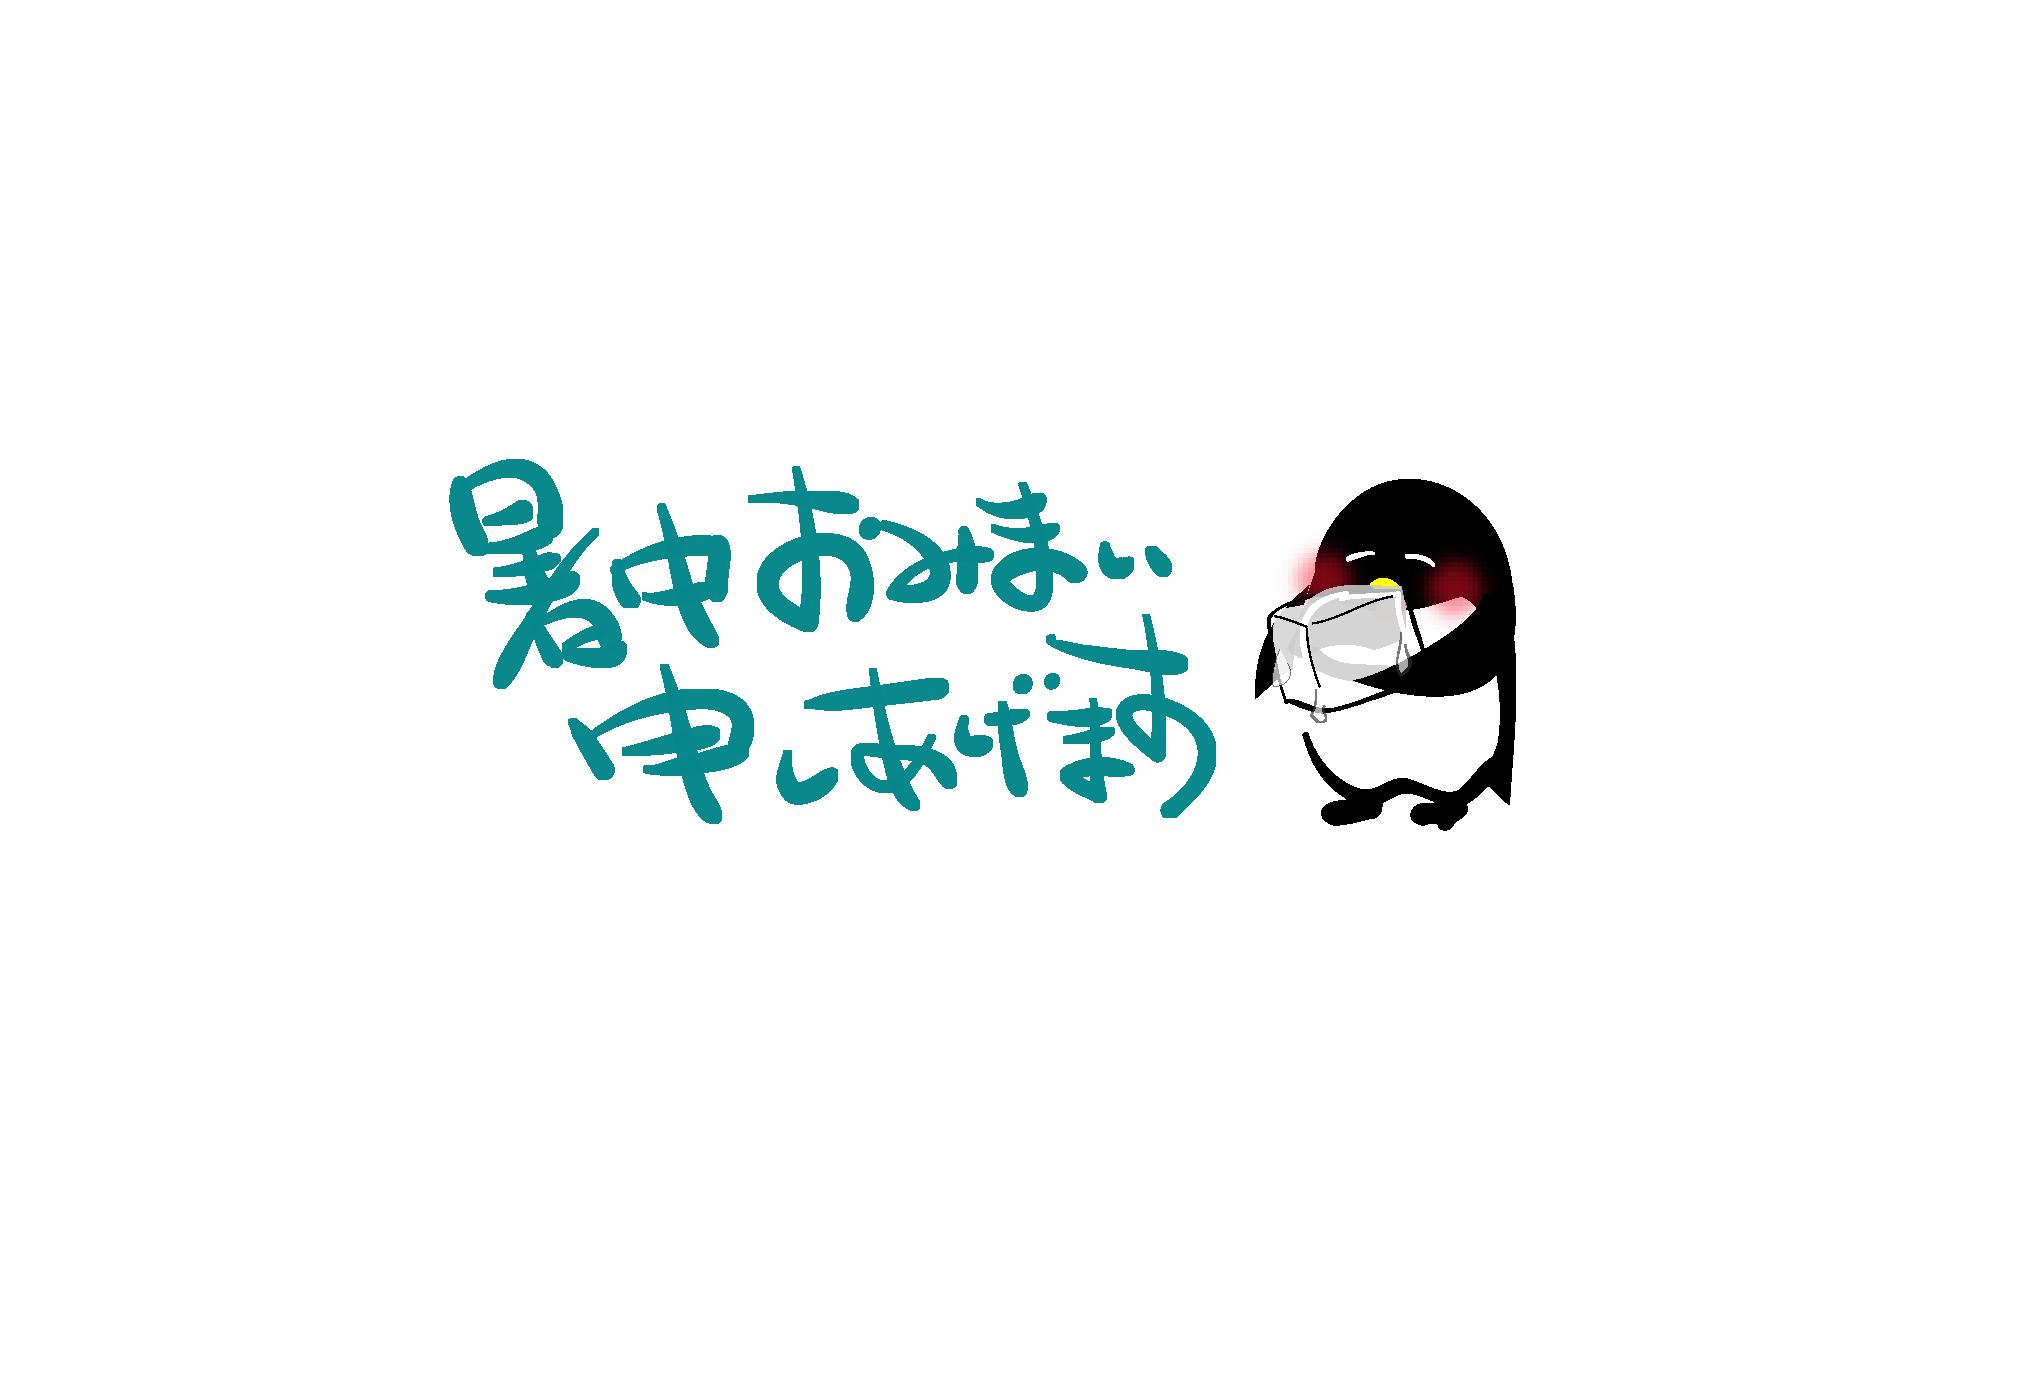 無料 便箋無料ダウンロード かわいい : ... ・ペンギン」ダウンロード